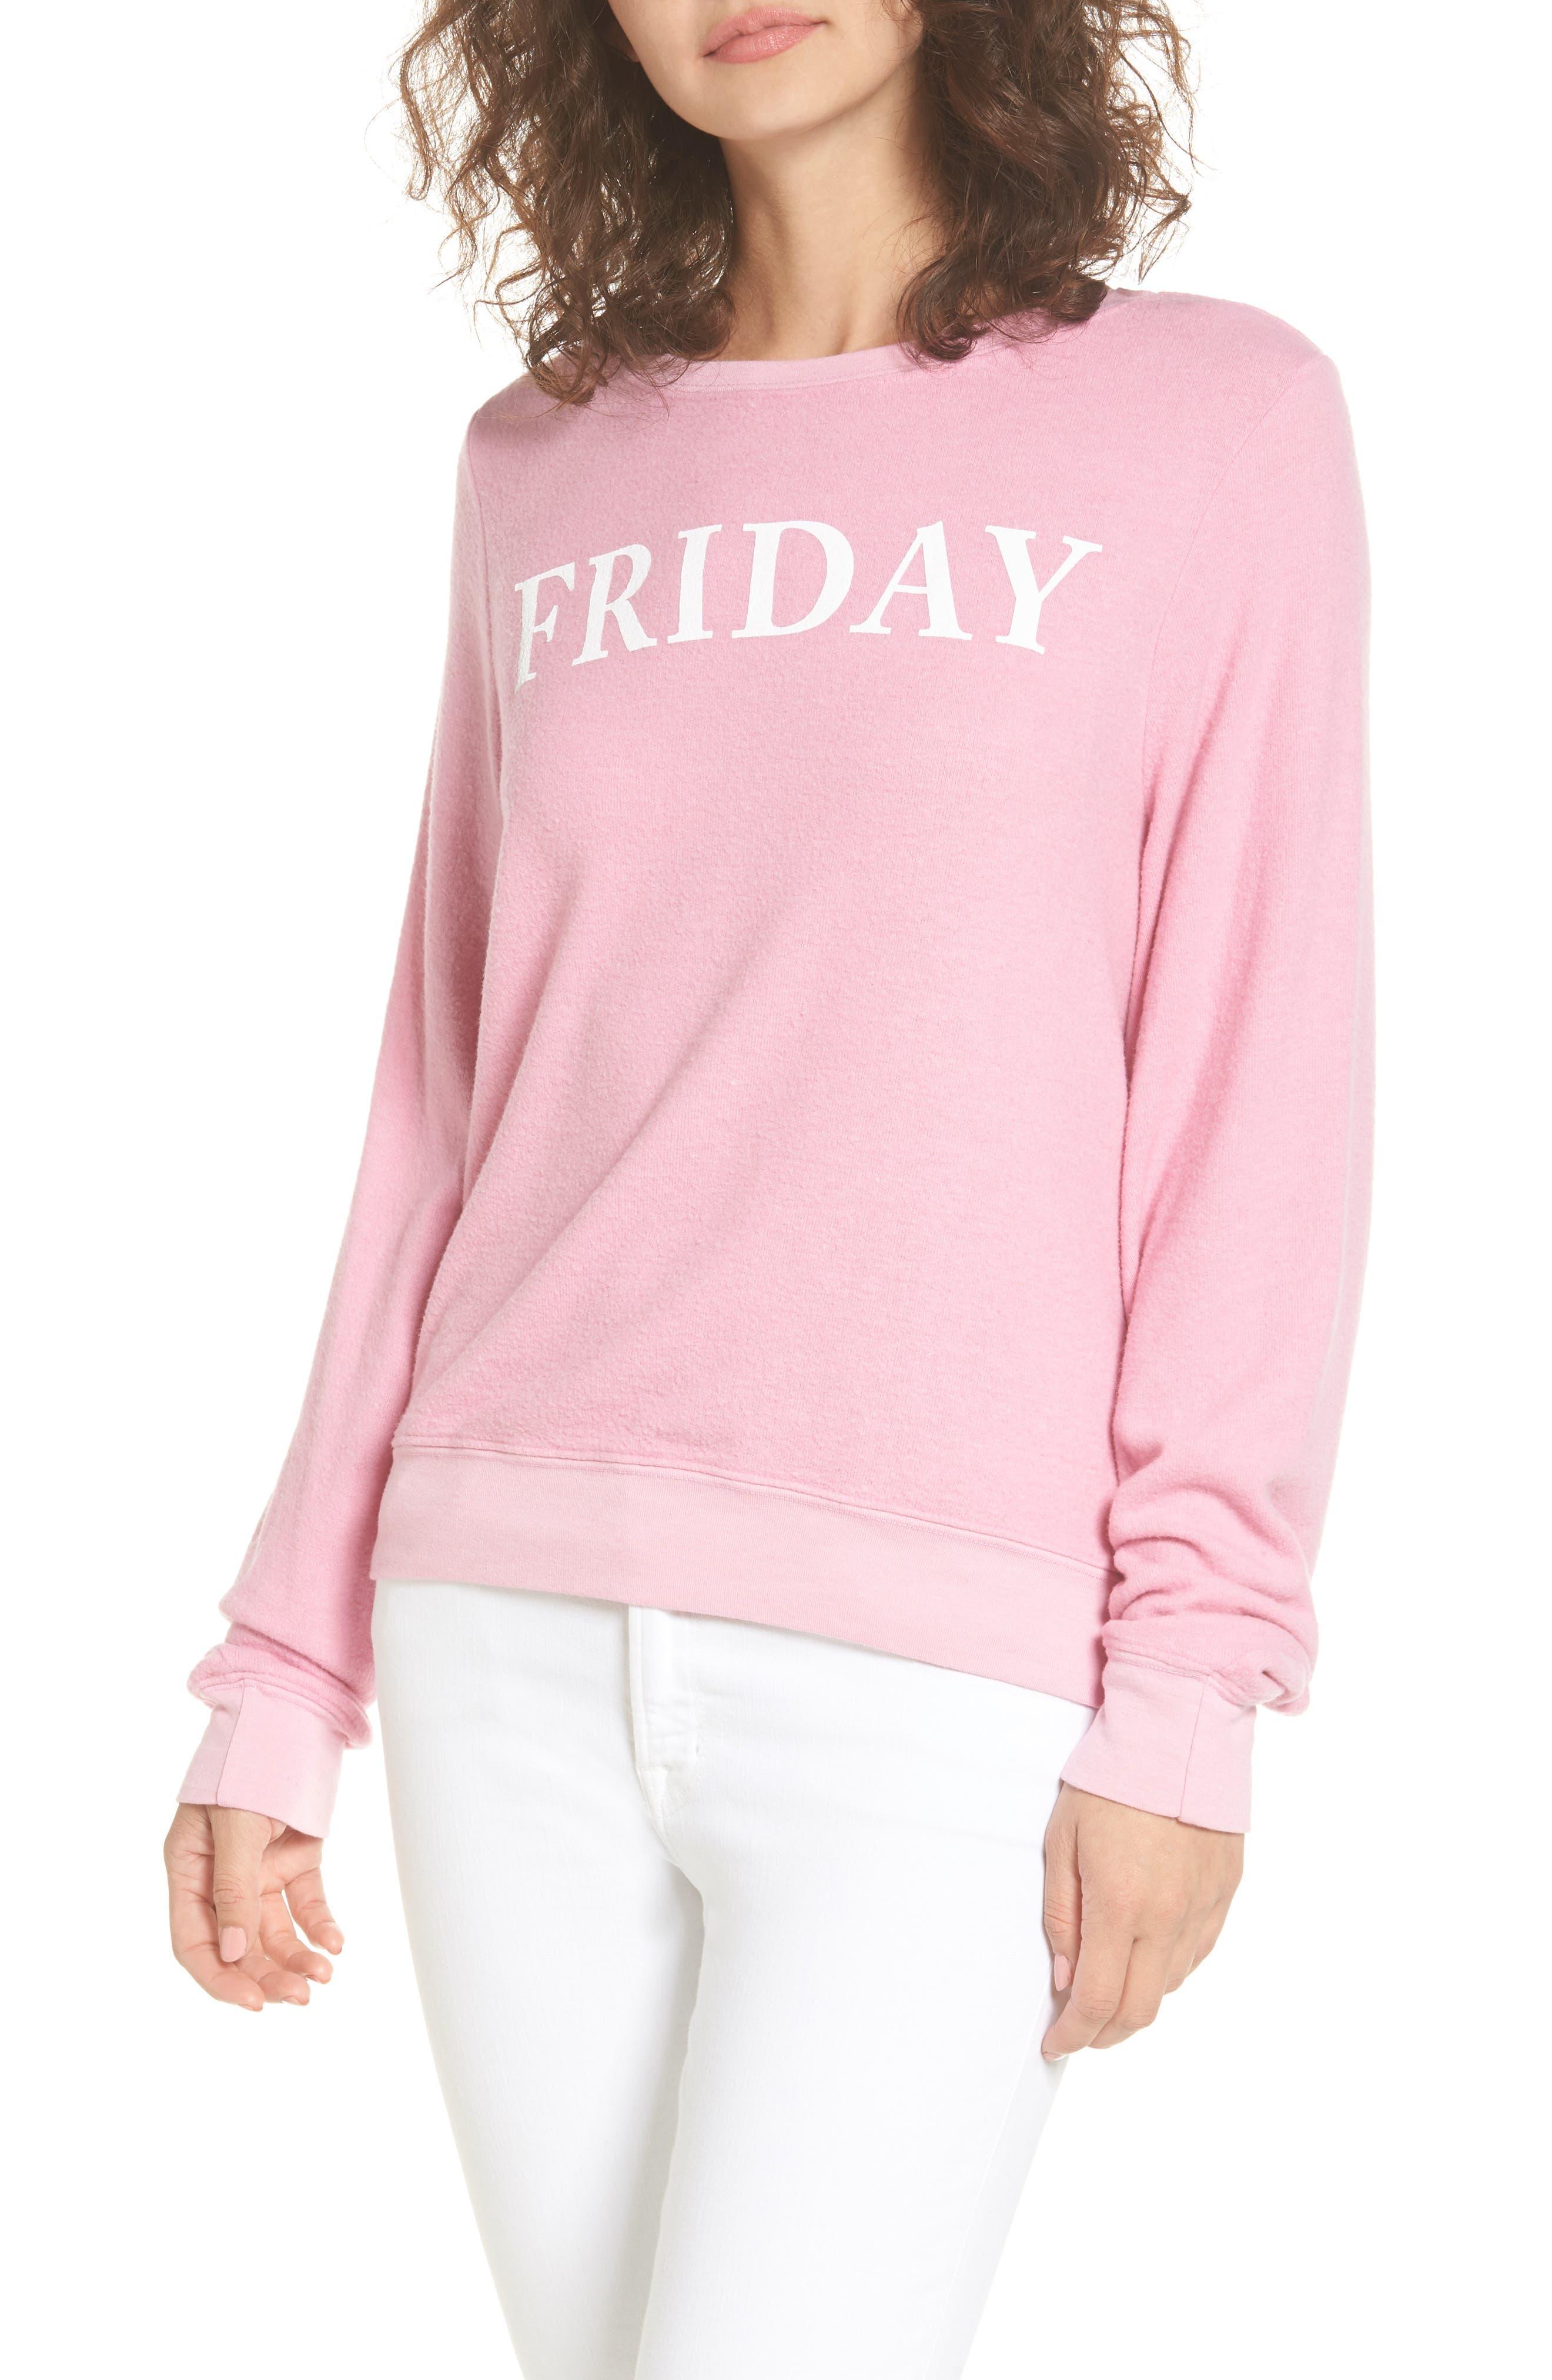 Friday Sweatshirt,                             Main thumbnail 1, color,                             Pink